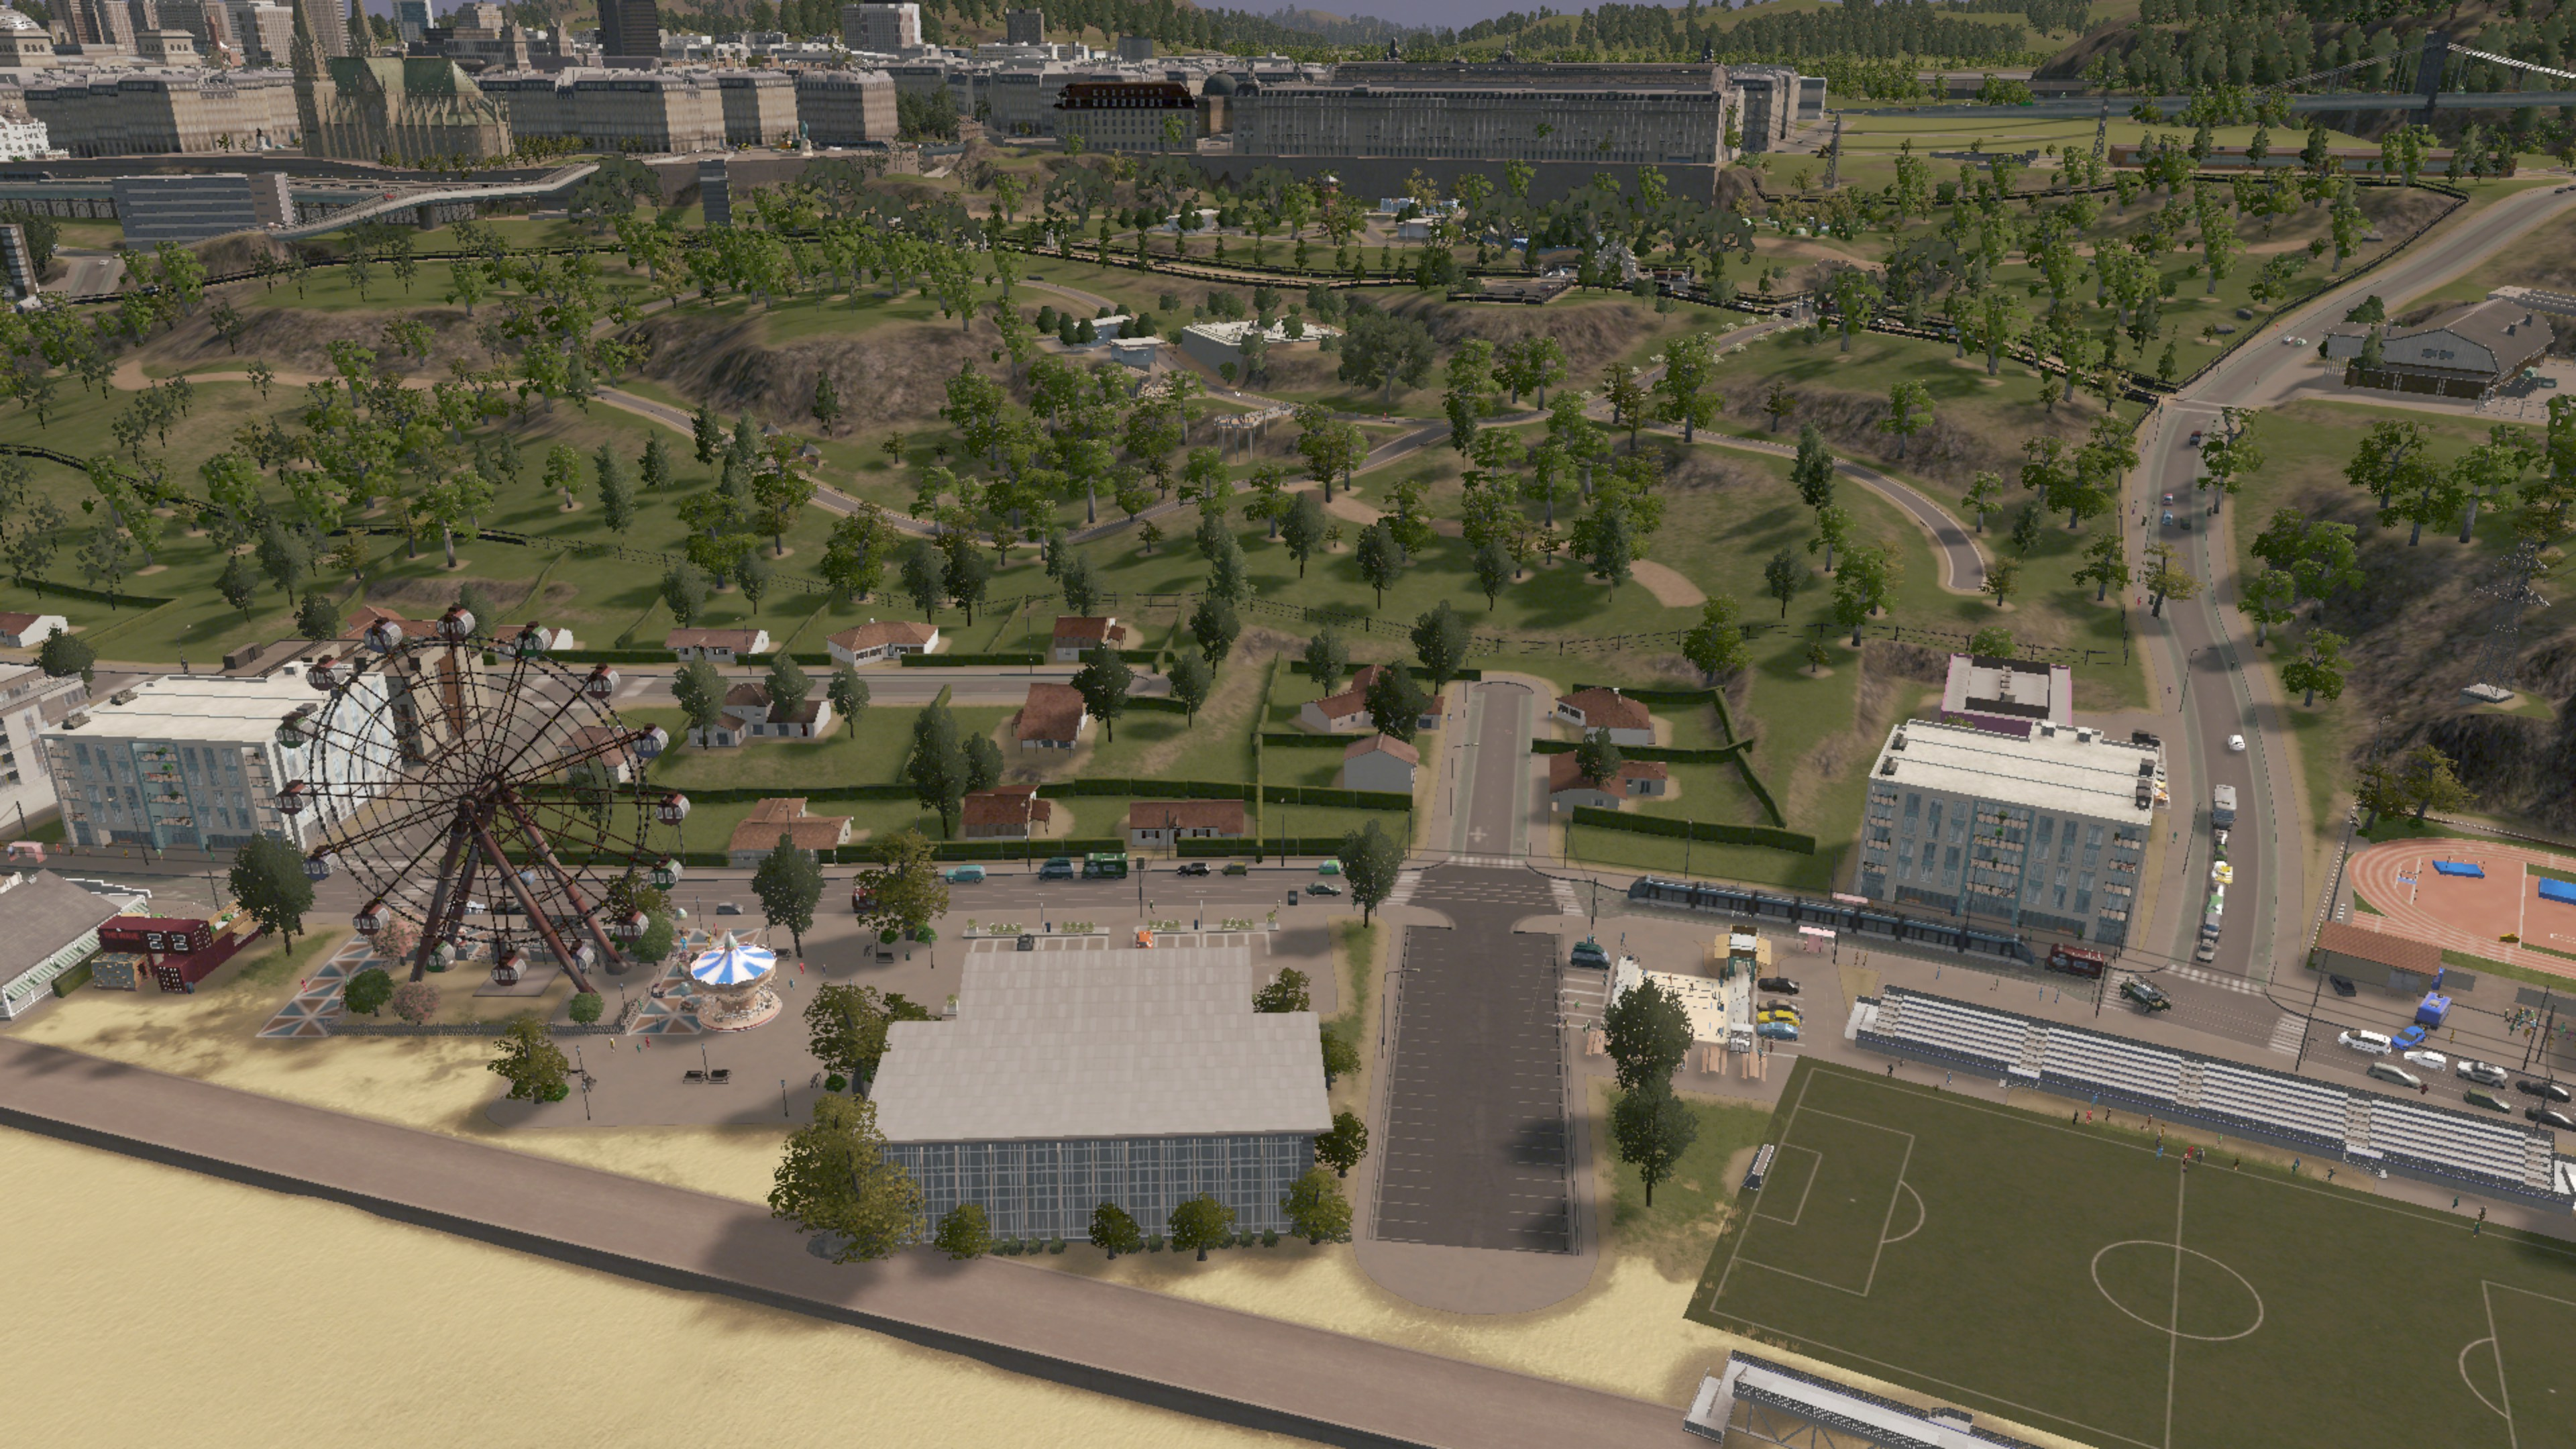 Labadie - Journal 3 d'une ville en construction - Page 3 F391872E946781C0AE4B18A414B573AE4D959287